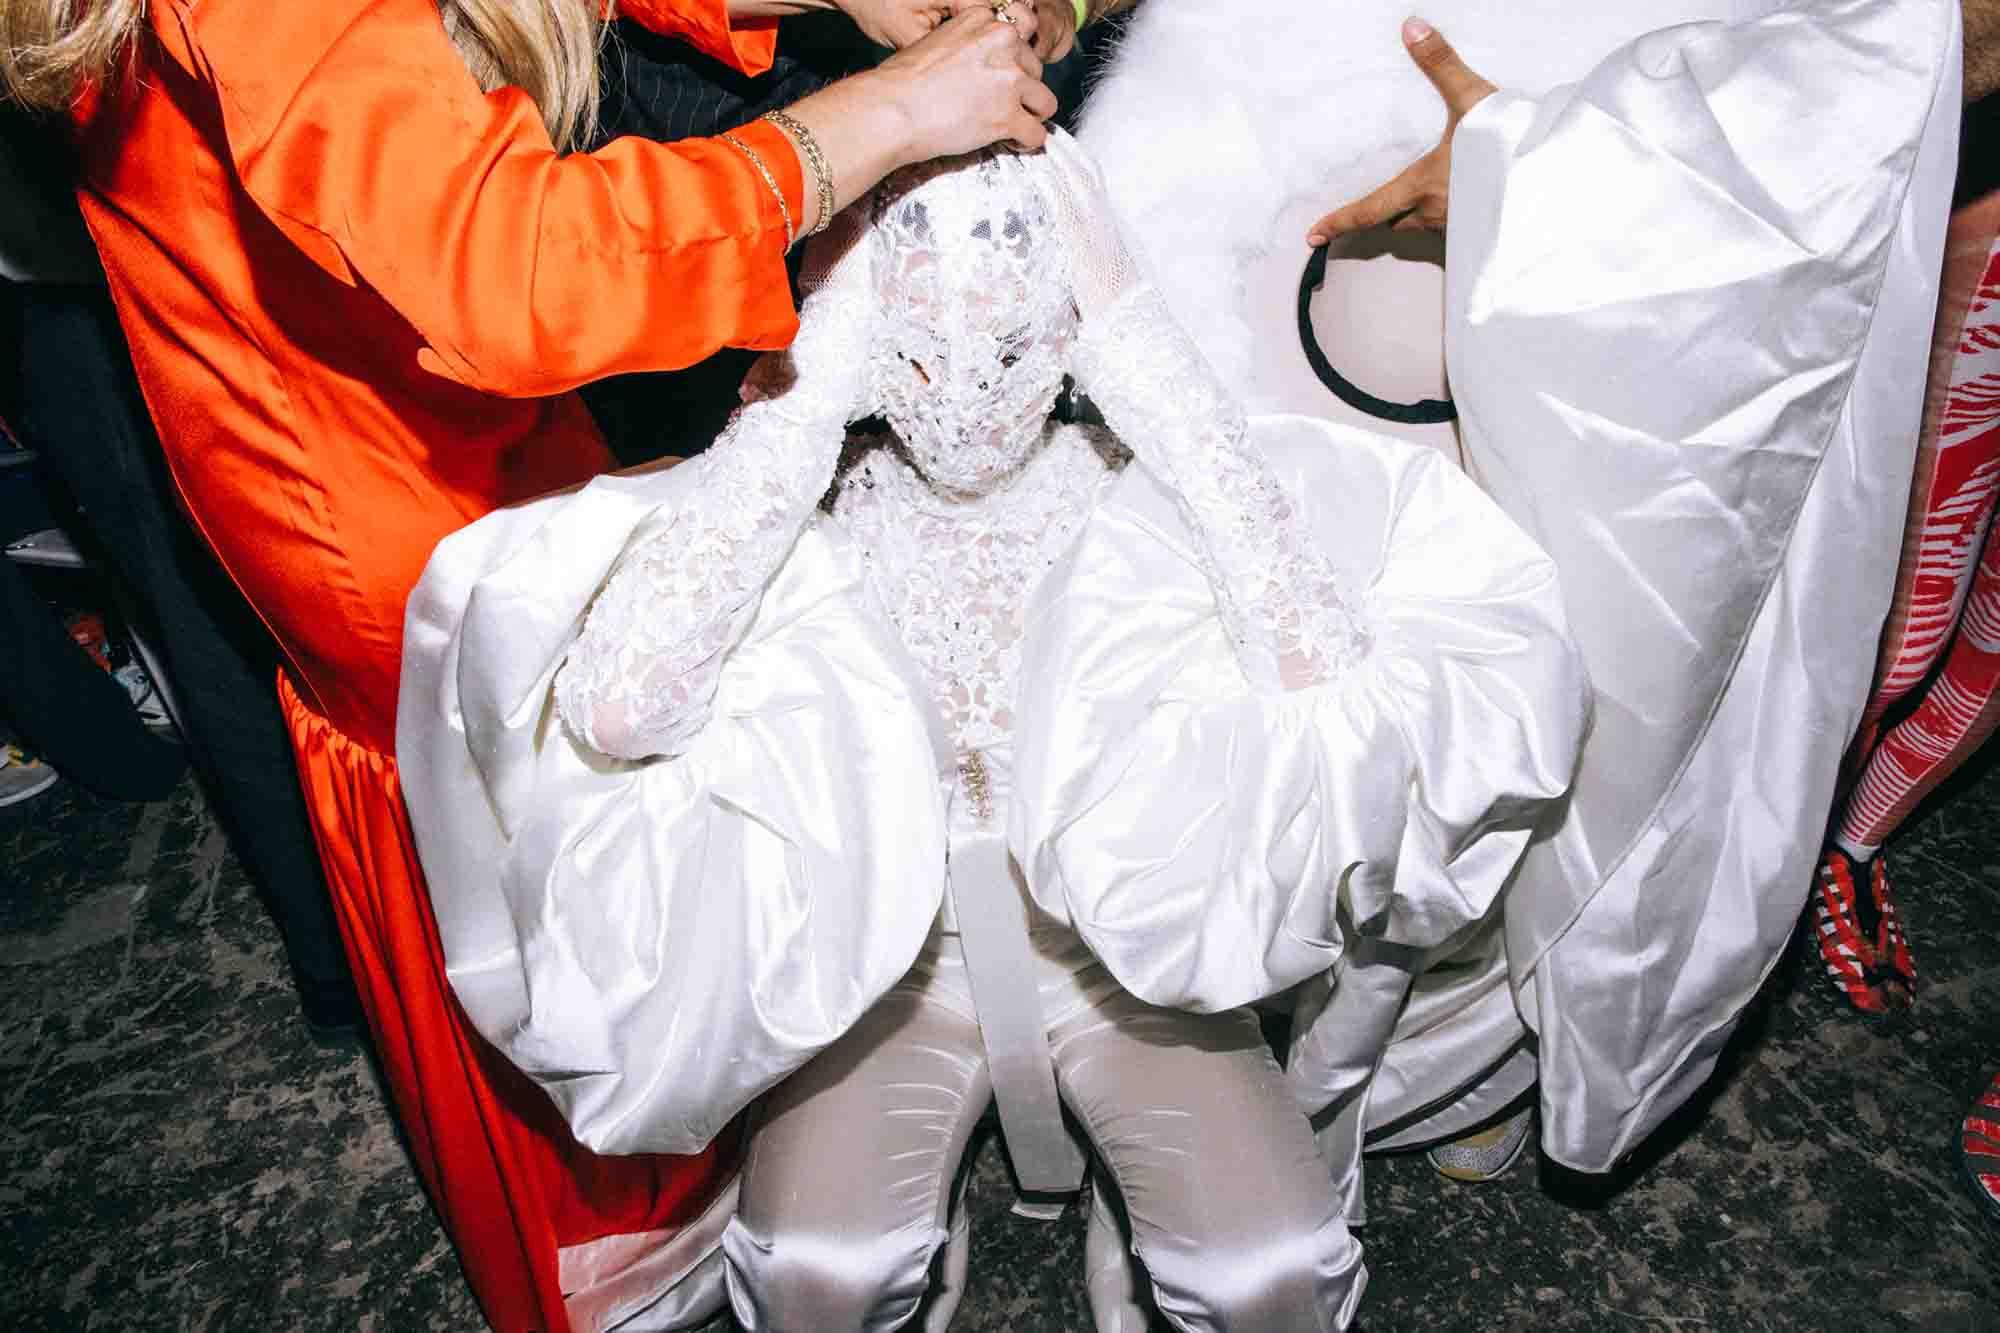 אופנה, חדשות אופנה, כתבות אפנה, שנקר 2019, צילום עדי סגל, טל מדינה, Backstage_at_Shenkar_fashion_show_2019._Photo_Adi_Segal_-_Tal_Medina_collection_(1) - 1